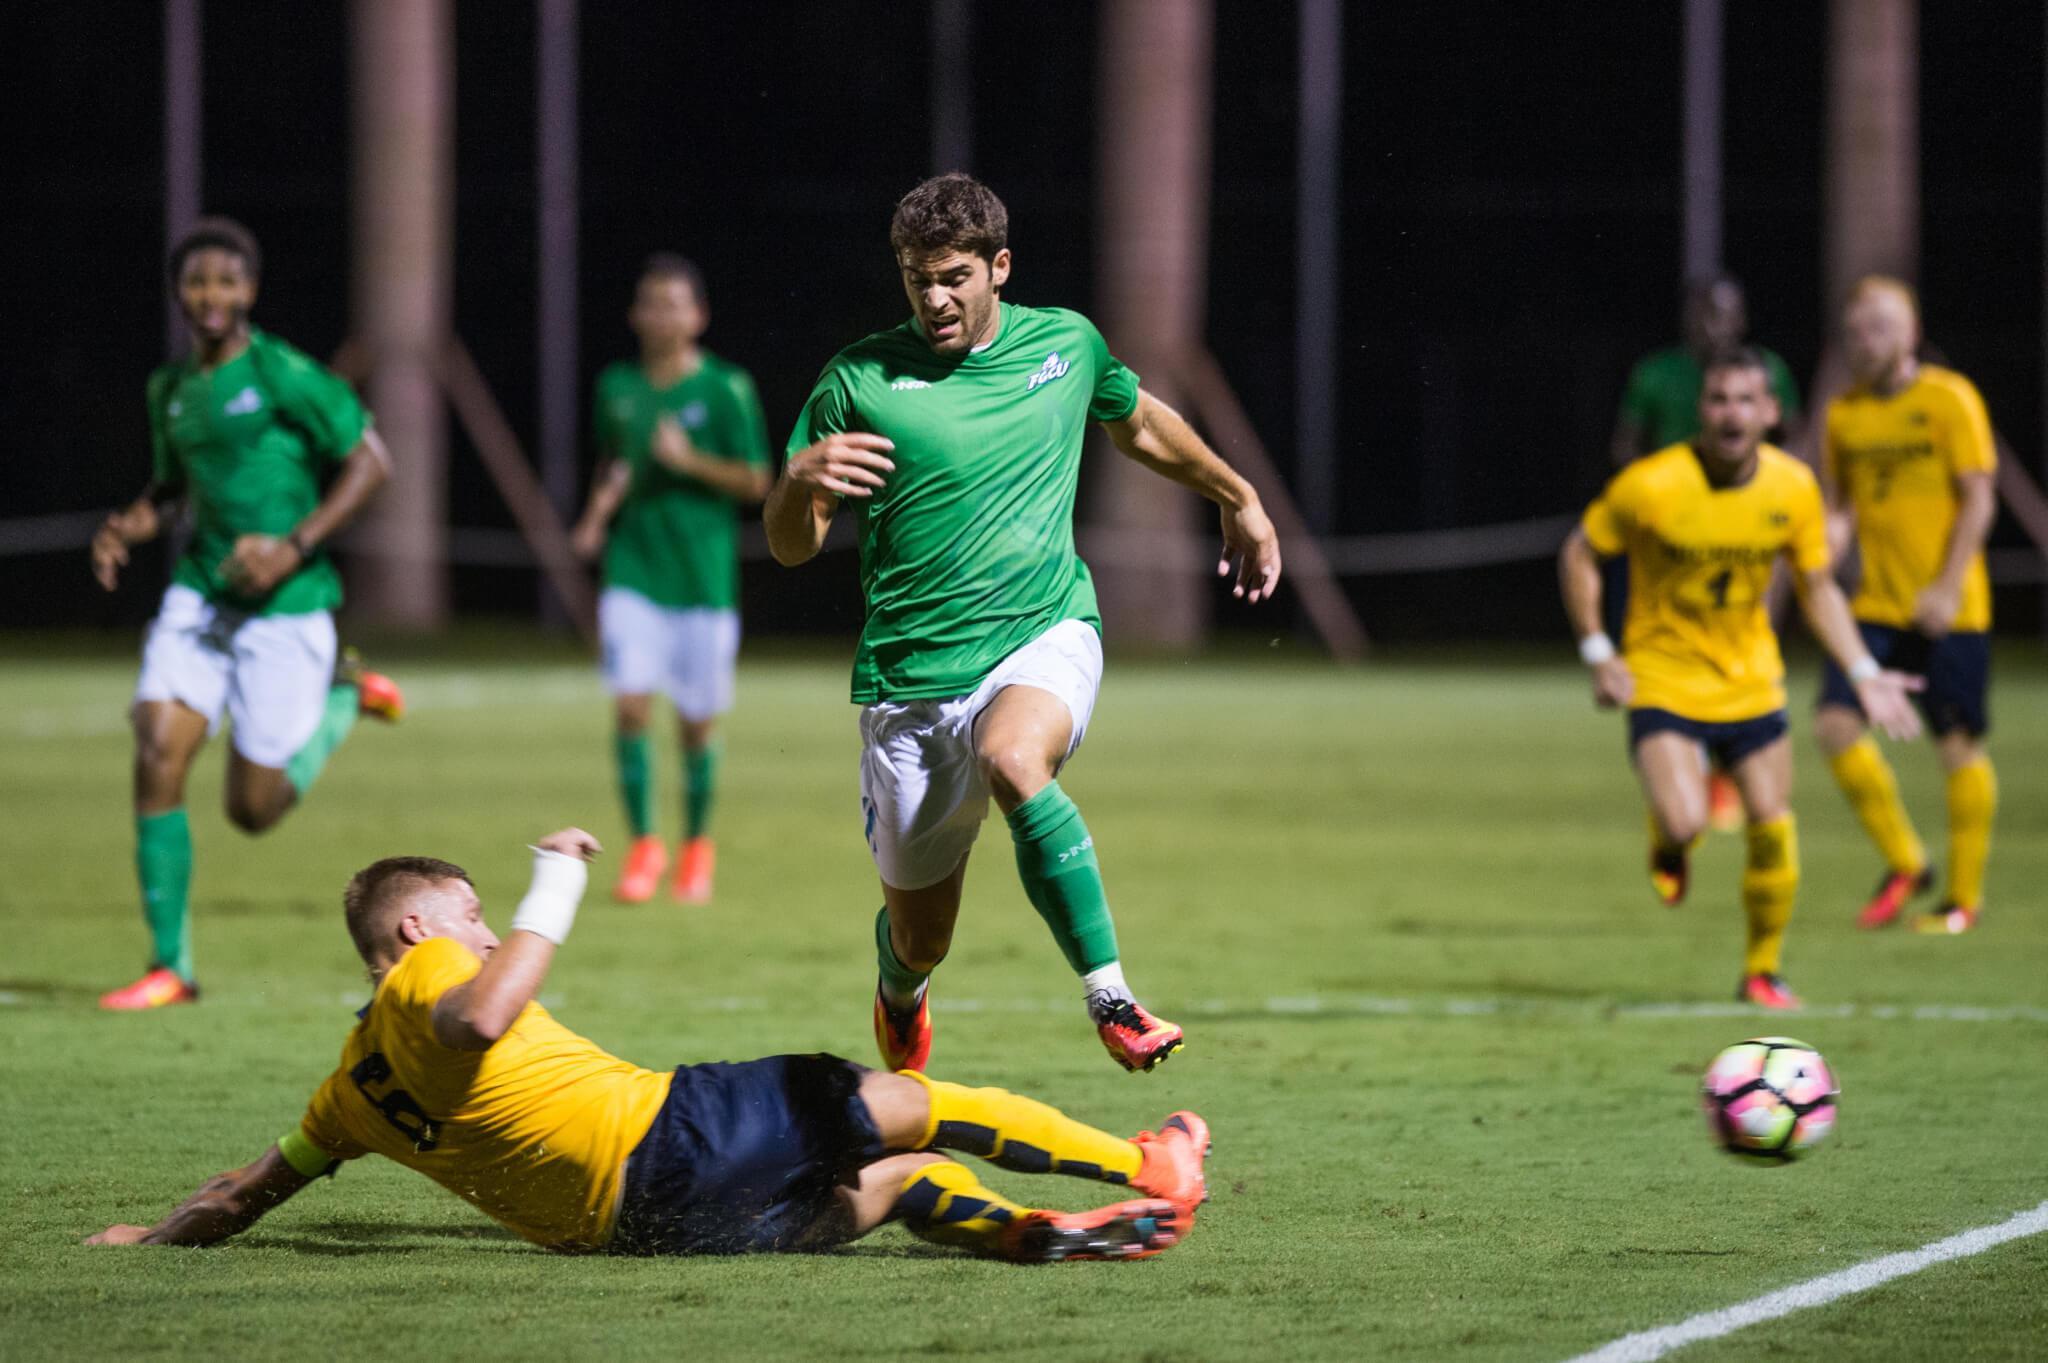 Preview: FGCU men's soccer vs. UNC Wilmington